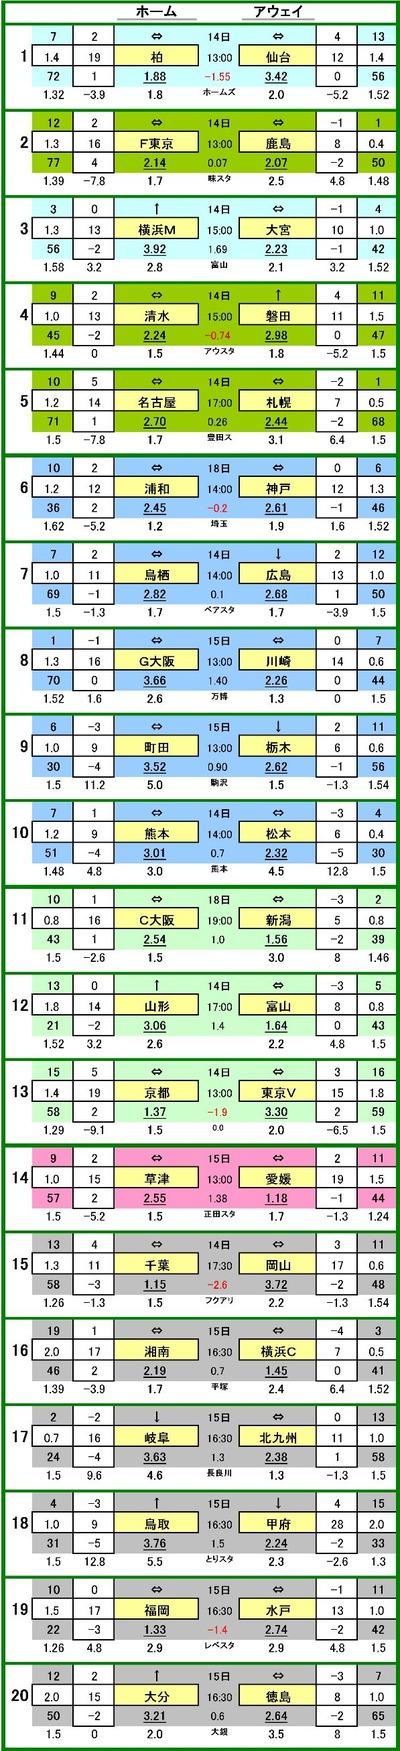 第558 回toto対戦データ一覧  1 柏レイソル VS ベガルタ仙台 40.0 % 15.4 % 44.6 % 2 FC東京 VS 鹿島アントラーズ 32.3 % 43.2 % 24.5 % 3 横浜F・マリノス VS 大宮アルディージャ 48.8 % 11.3 % 40.0 % 4 清水エスパルス VS ジュビロ磐田 35.6 % 26.6 % 37.8 % 5 名古屋グランパス VS コンサドーレ札幌 33.8 % 38.5 % 27.6 % 6 浦和レッズ VS ヴィッセル神戸 26.1 % 40.9 % 33.0 % 7 サガン鳥栖 VS サンフレッチェ広島 32.8 % 41.6 % 25.6 % 8 ガンバ大阪 VS 川崎フロンターレ 48.8 % 11.3 % 40.0 % 9 FC町田ゼルビア VS 栃木SC 39.2 % 22.5 % 38.4 % 10 ロアッソ熊本 VS 松本山雅 37.4 % 27.8 % 34.8 % 11 セレッソ大阪 VS アルビレックス新潟 39.8 % 20.5 % 39.7 % 12 モンテディオ山形 VS カターレ富山 48.8 % 11.3 % 40.0 % 13 京都サンガ VS 東京ヴェルディ 40.0 % 12.3 % 47.7 % 14 ザスパ草津 VS 愛媛FC 48.8 % 11.3 % 40.0 % 15 ジェフ千葉 VS ファジアーノ岡山 40.0 % 6.9 % 53.1 % 16 湘南ベルマーレ VS 横浜FC 37.8 % 26.6 % 35.6 % 17 FC岐阜 VS ギラヴァンツ北九州 58.8 % 1.2 % 40.0 % 18 ガイナーレ鳥取 VS ヴァンフォーレ甲府 48.8 % 11.3 % 40.0 % 19 アビスパ福岡 VS 水戸ホーリーホック 40.0 % 16.6 % 43.4 % 20 大分トリニータ VS 徳島ヴォルティス 36.4 % 30.7 % 32.9 %